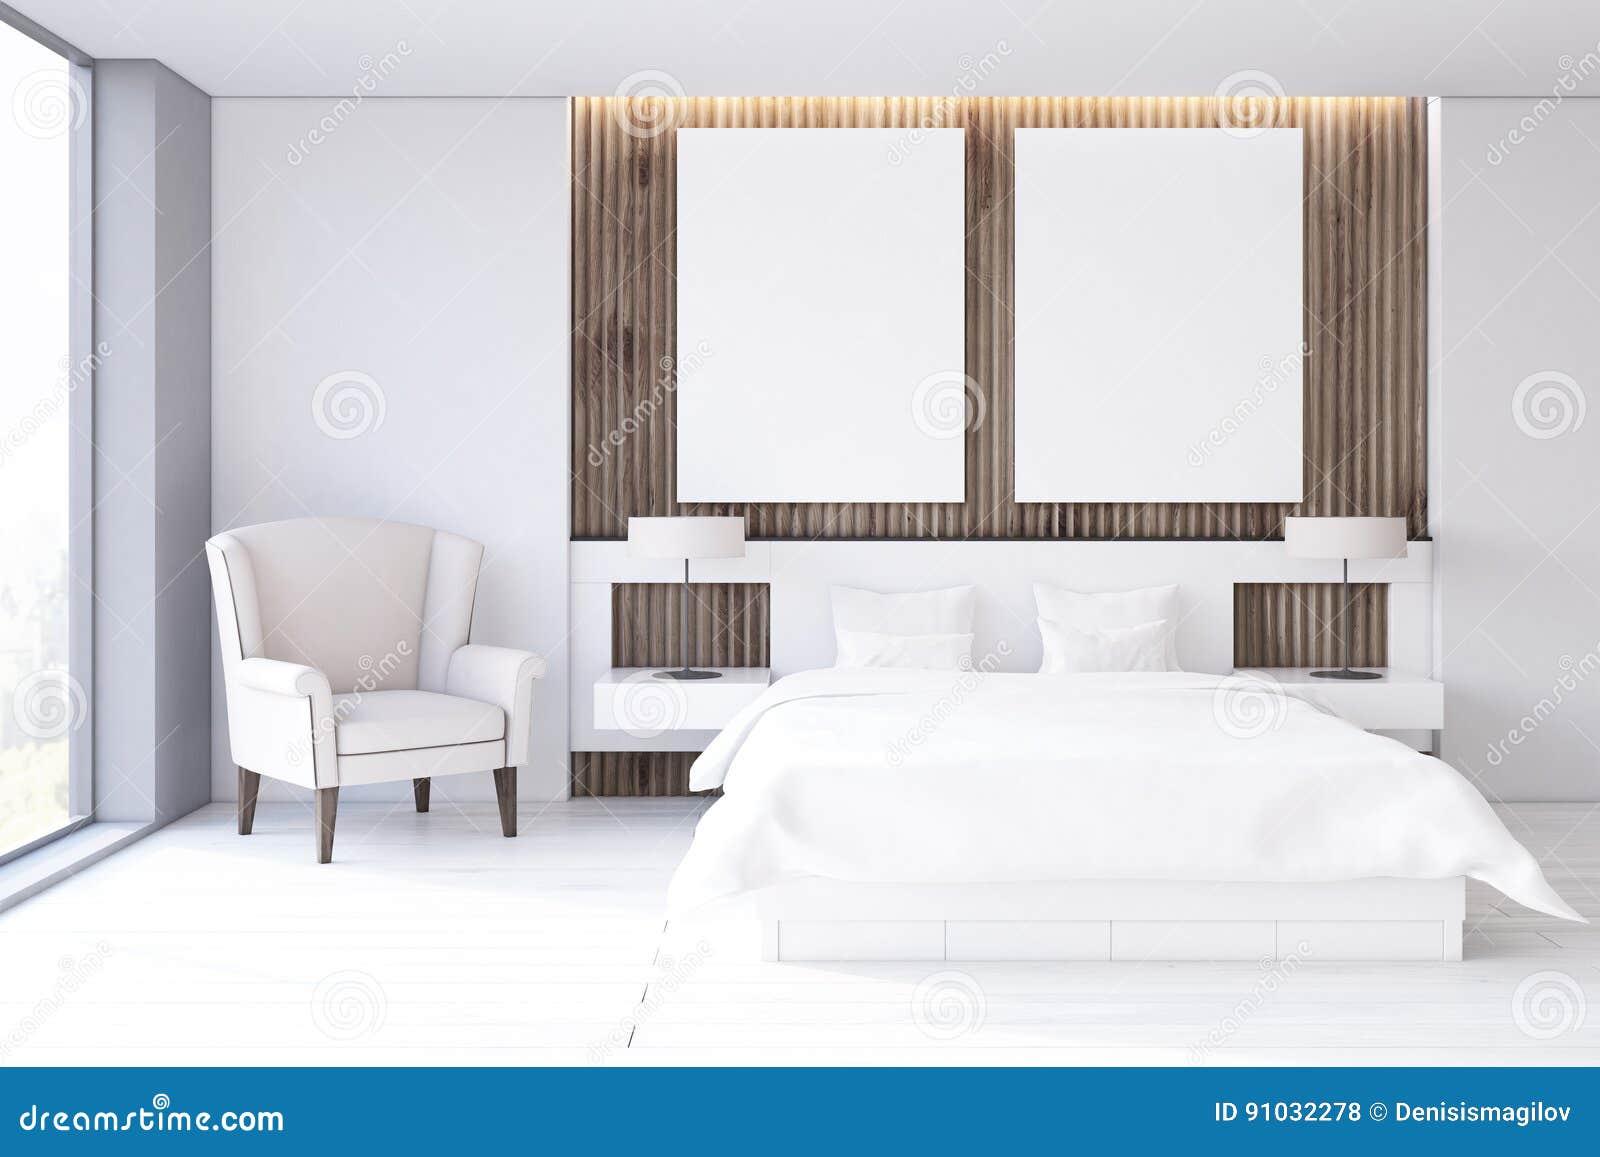 Schlafzimmer Mit Zwei Plakaten Weisser Boden Vorder Stock Abbildung